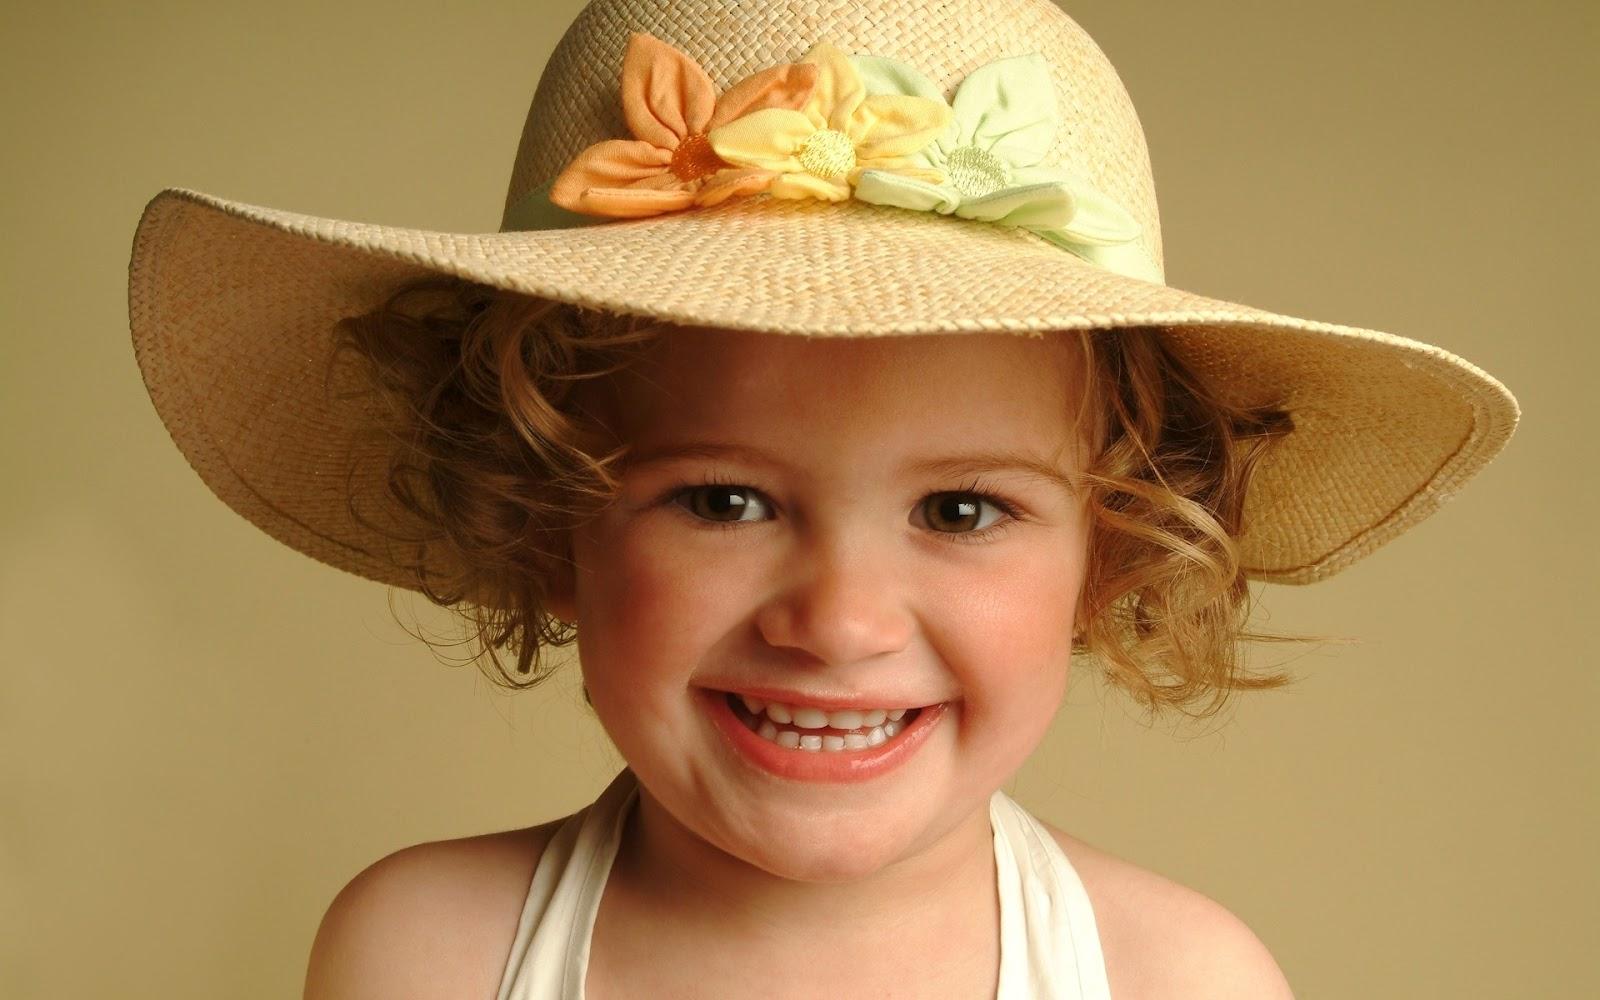 بالصور صور اطفال كول , لعشاق الاطفال وابتسامتهم 3933 7